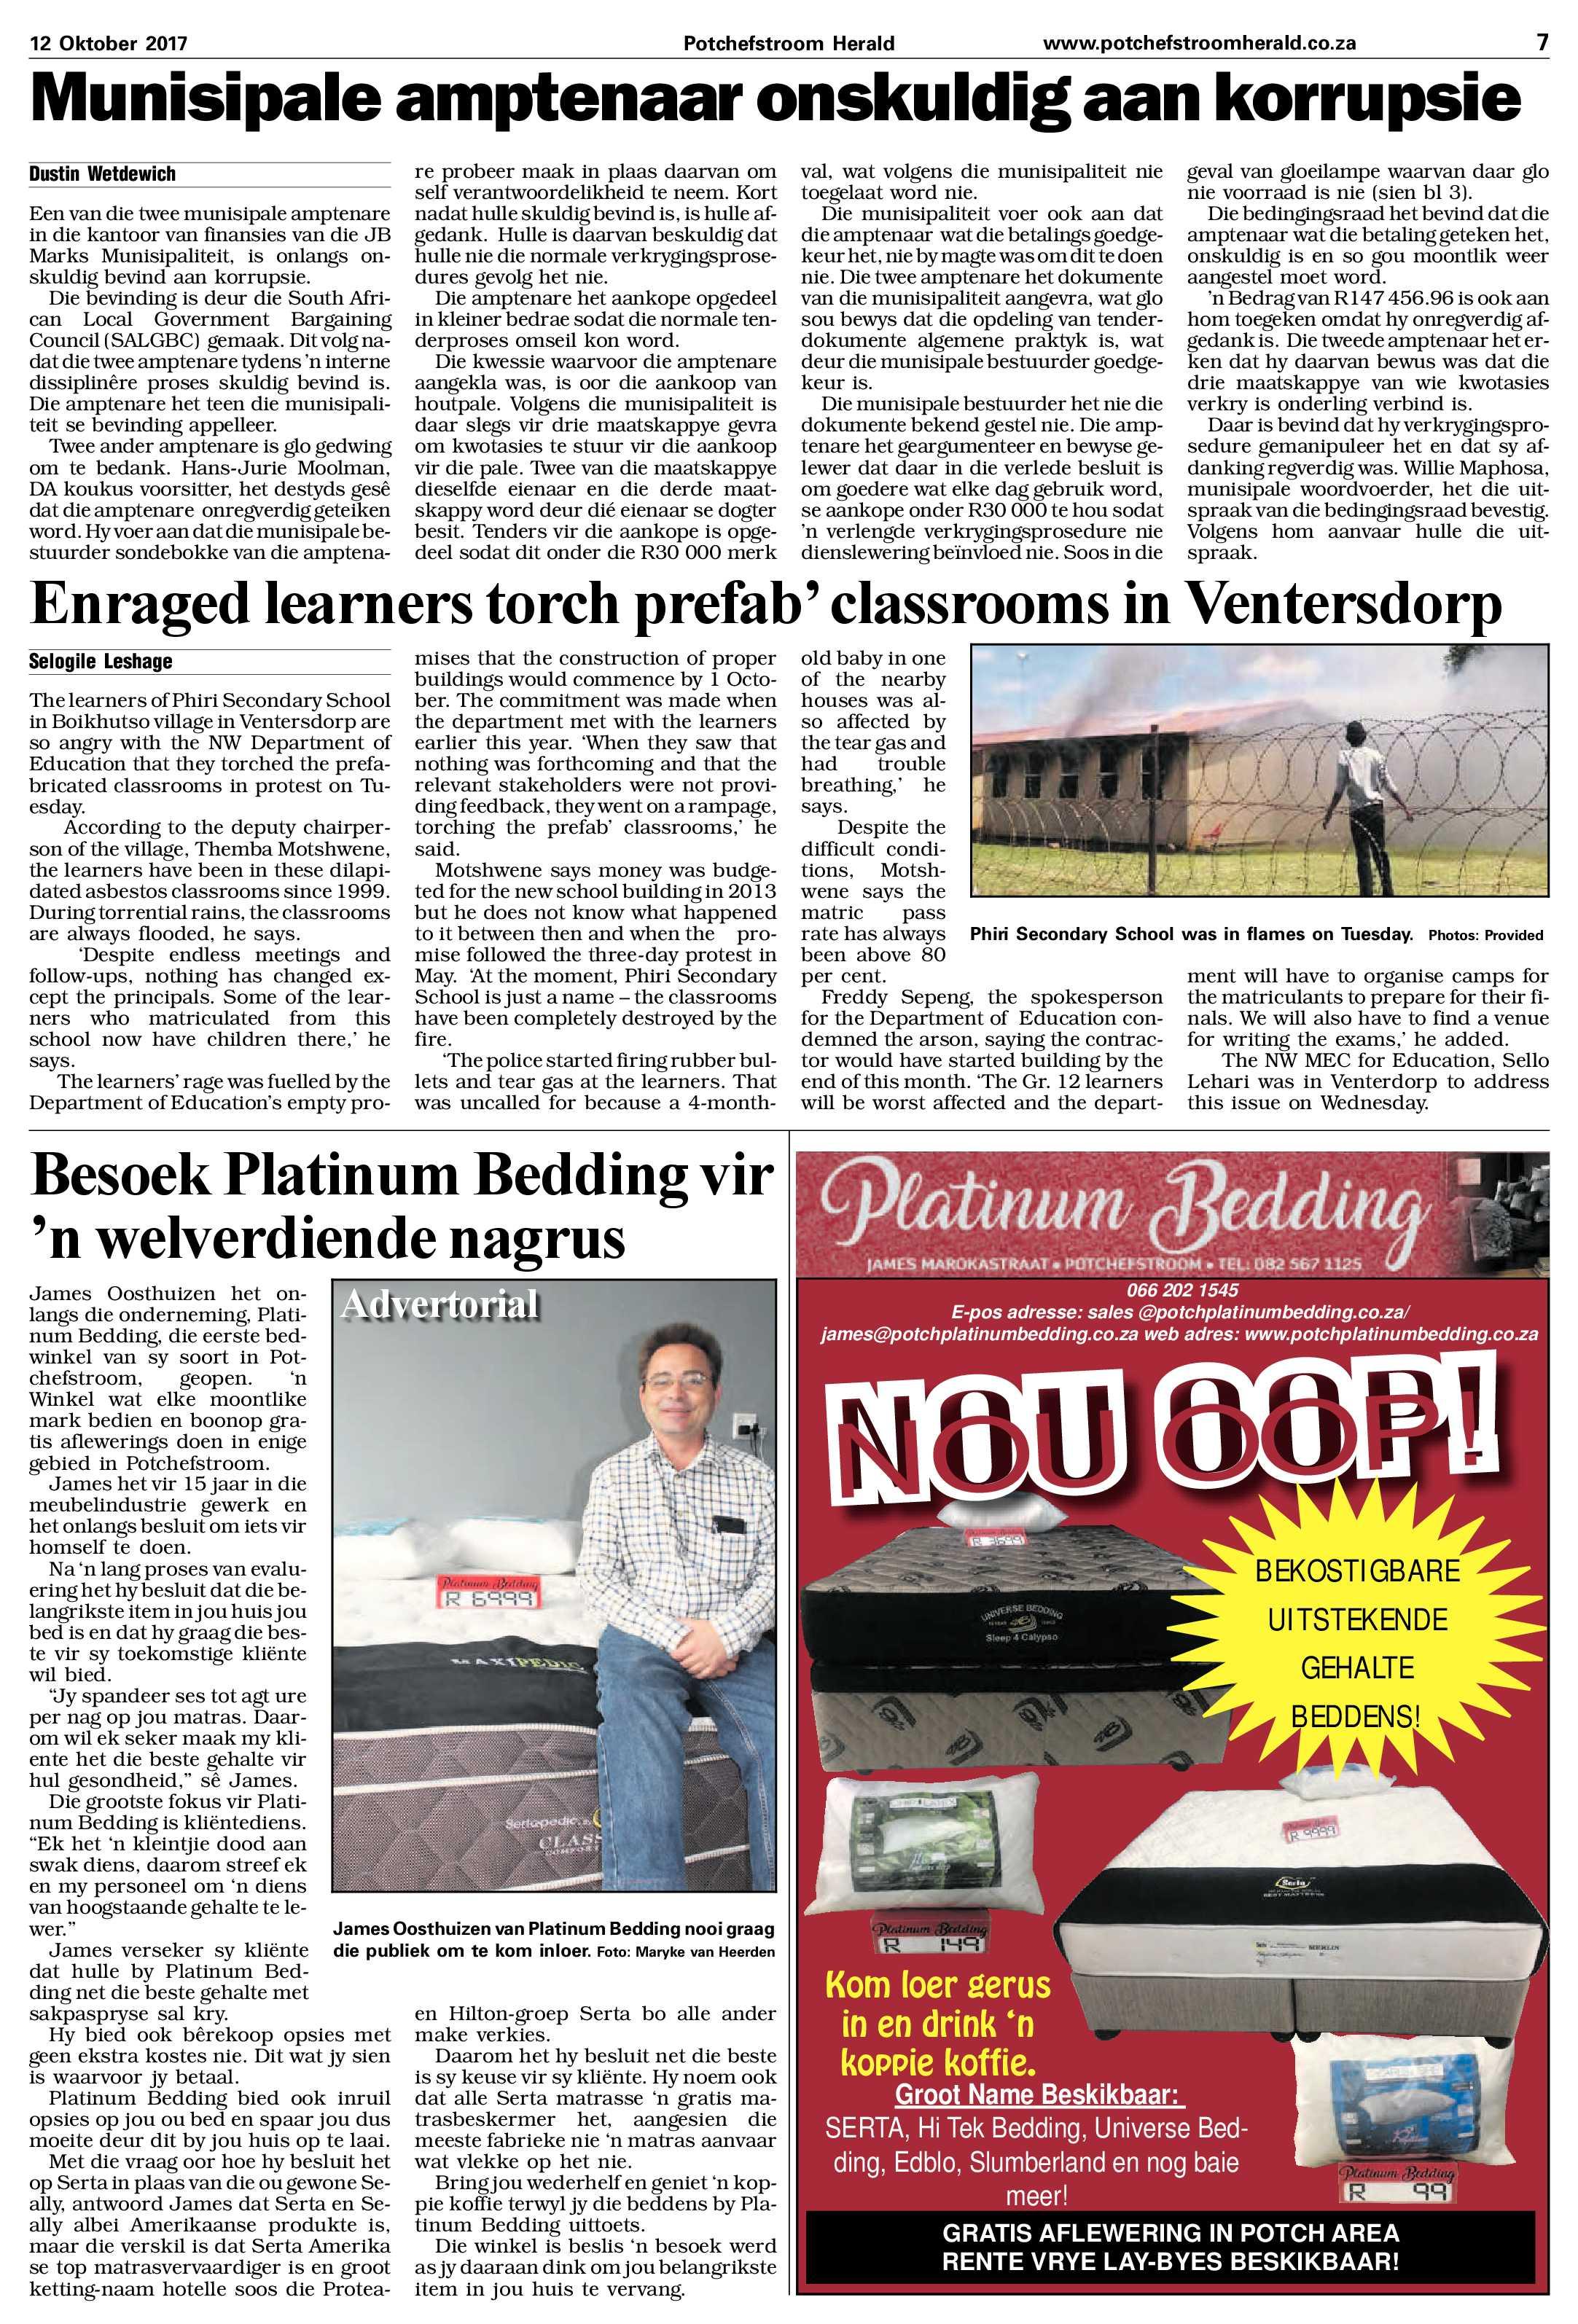 12-oktober-2017-epapers-page-7